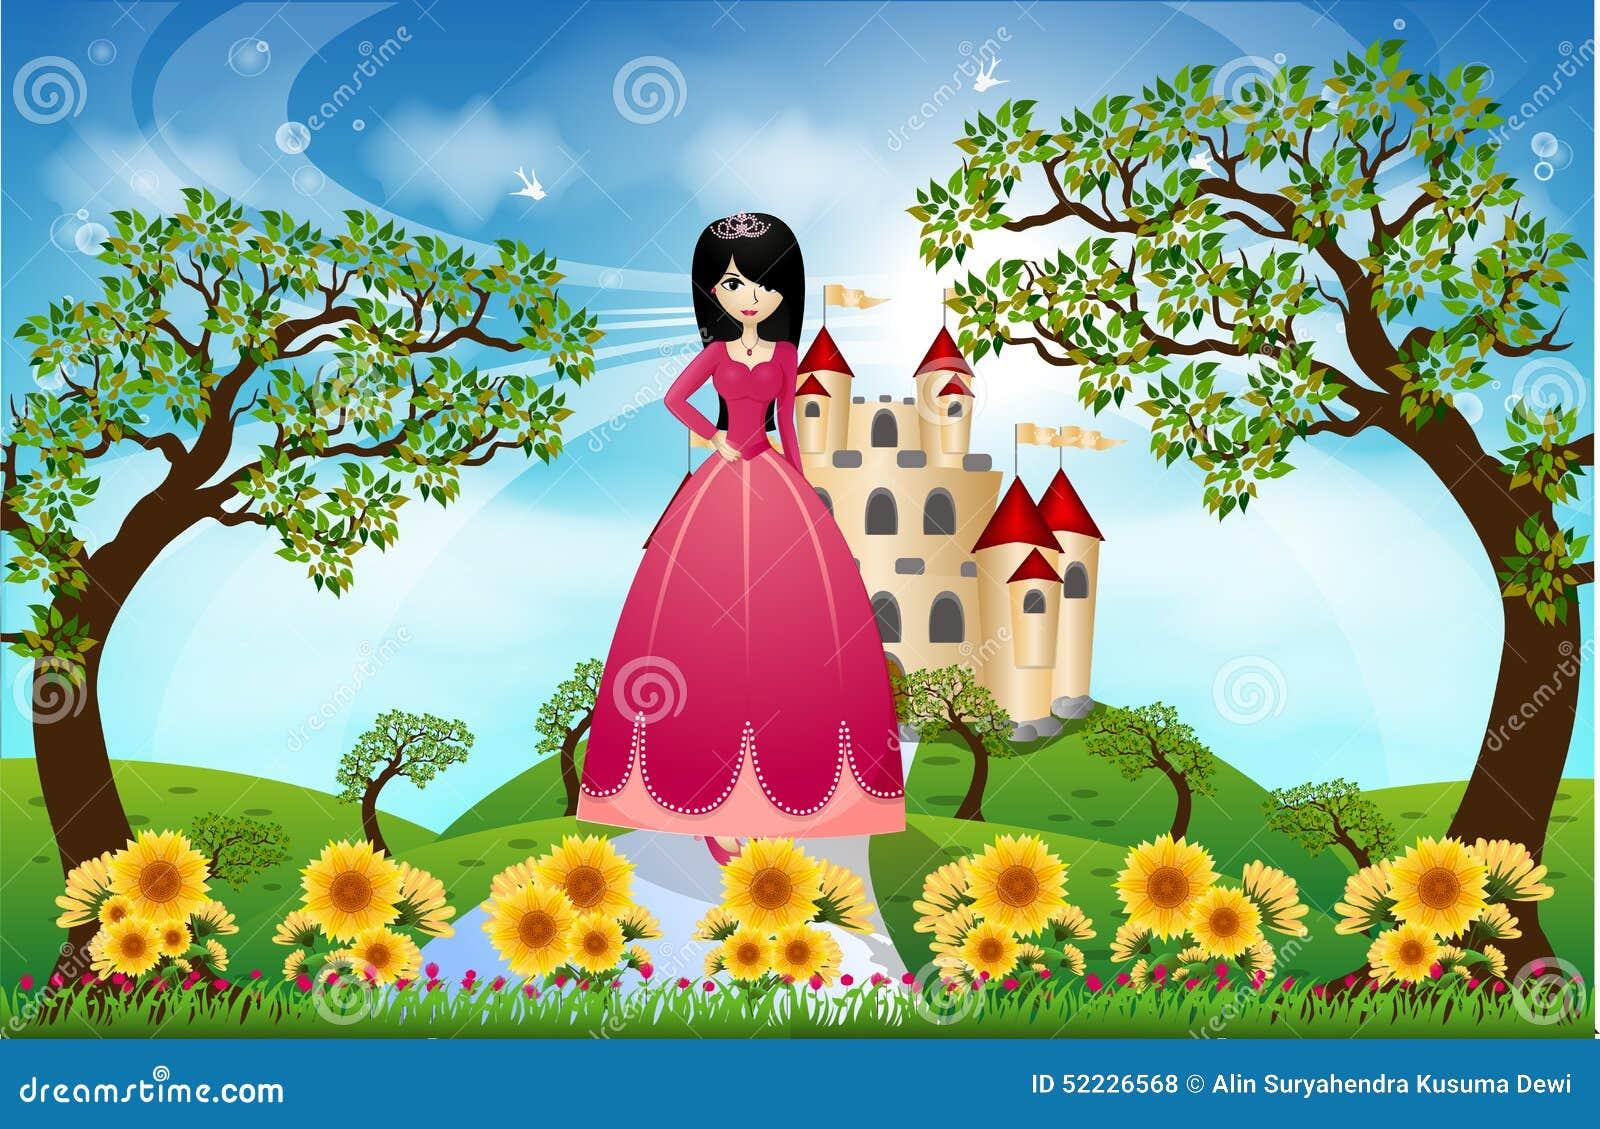 princesa y castillo hermosos ilustraci n del vector